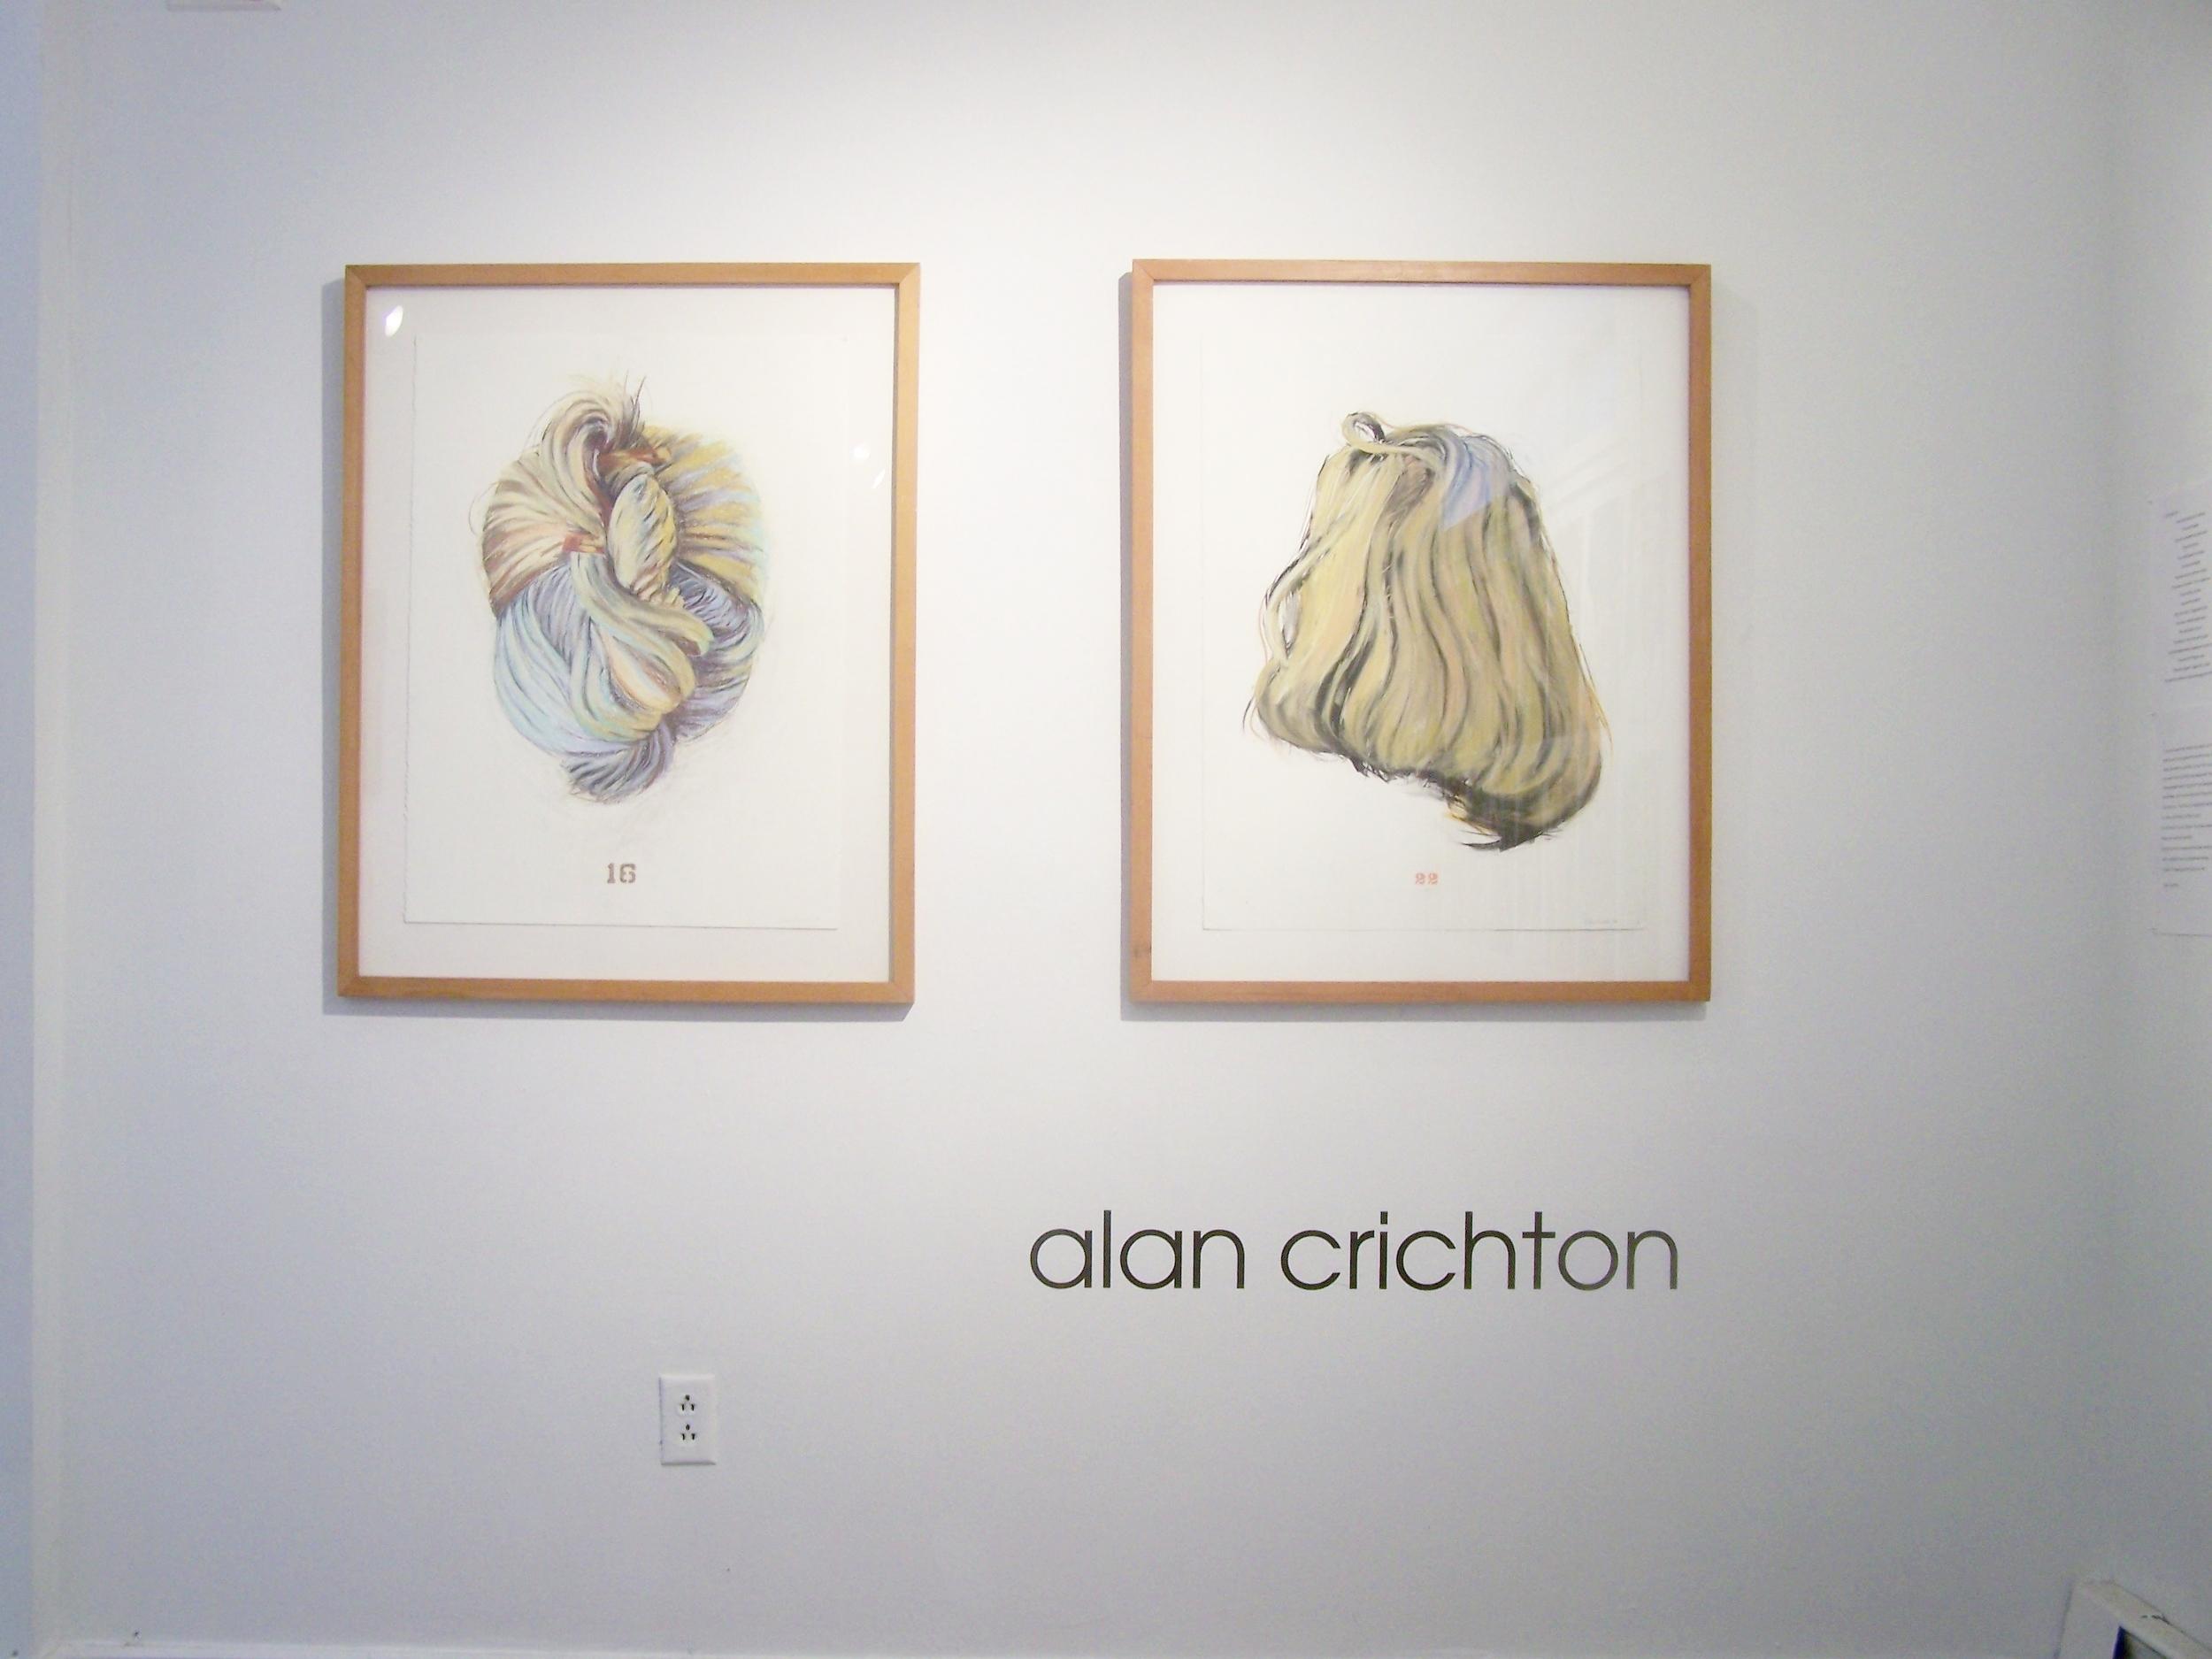 Alan Crichton